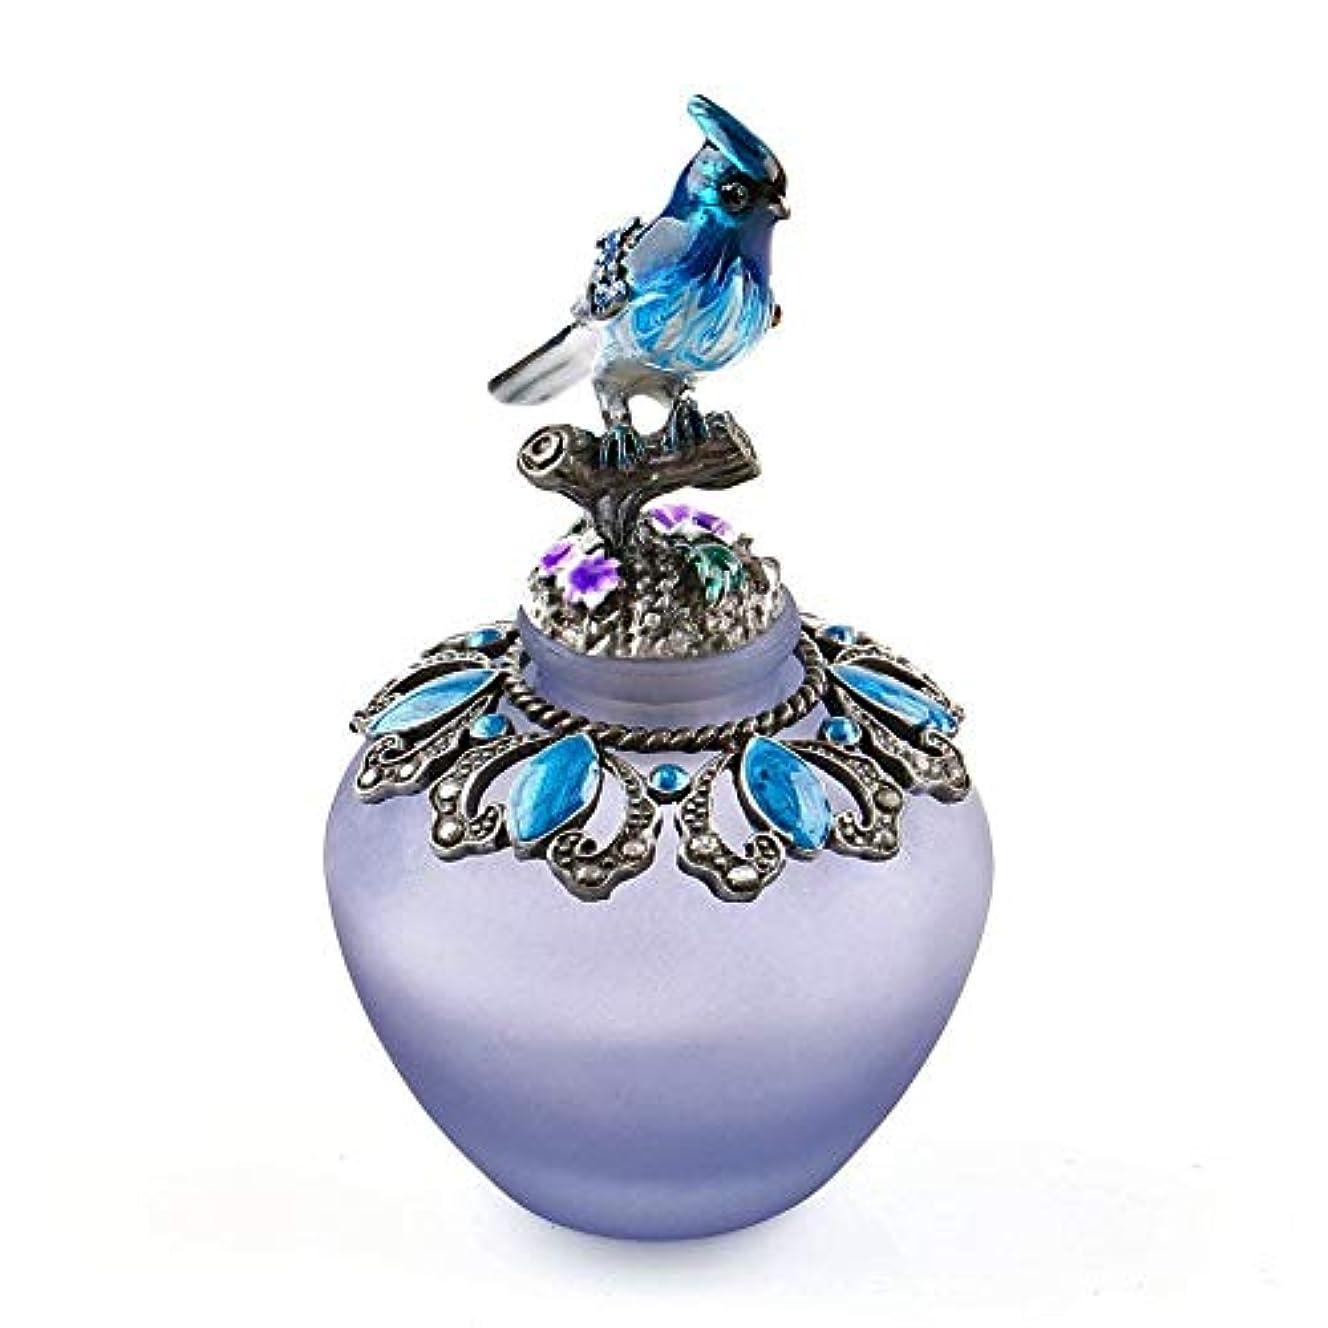 データ乞食ミトンEasyRaku 高品質 美しい香水瓶 鳥40ML ガラスアロマボトル 綺麗アンティーク調欧風デザイン クリスマスプレゼント 結婚式 飾り